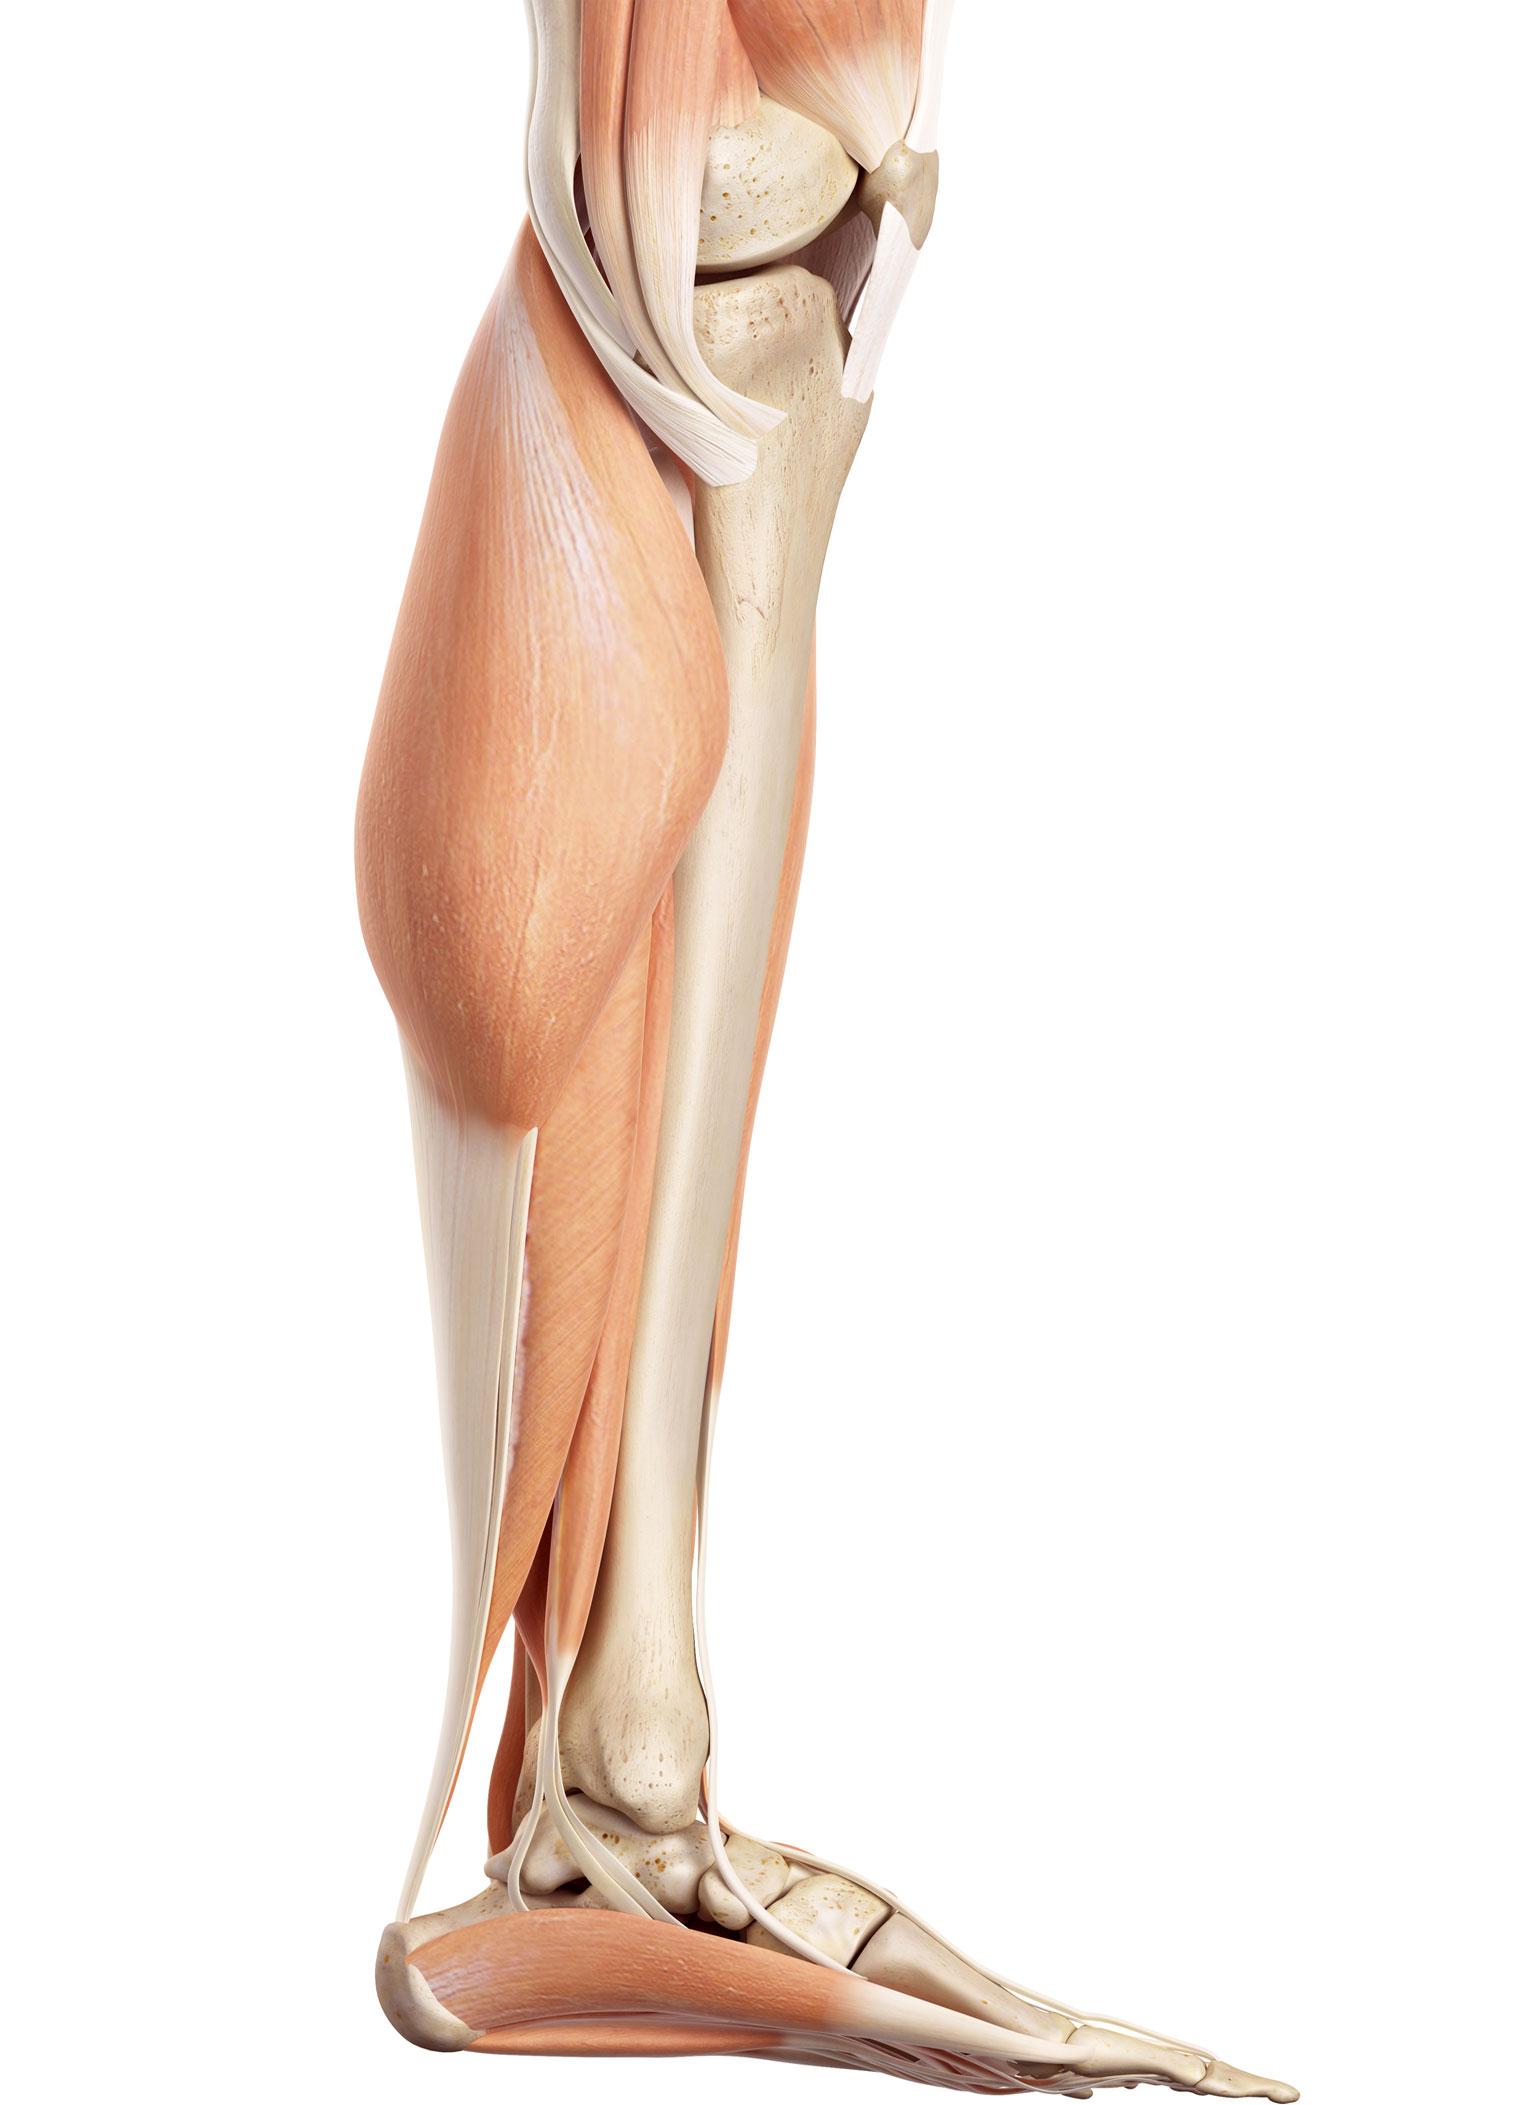 Großartig Knie Anatomie Schmerzsymptome Zeitgenössisch - Menschliche ...